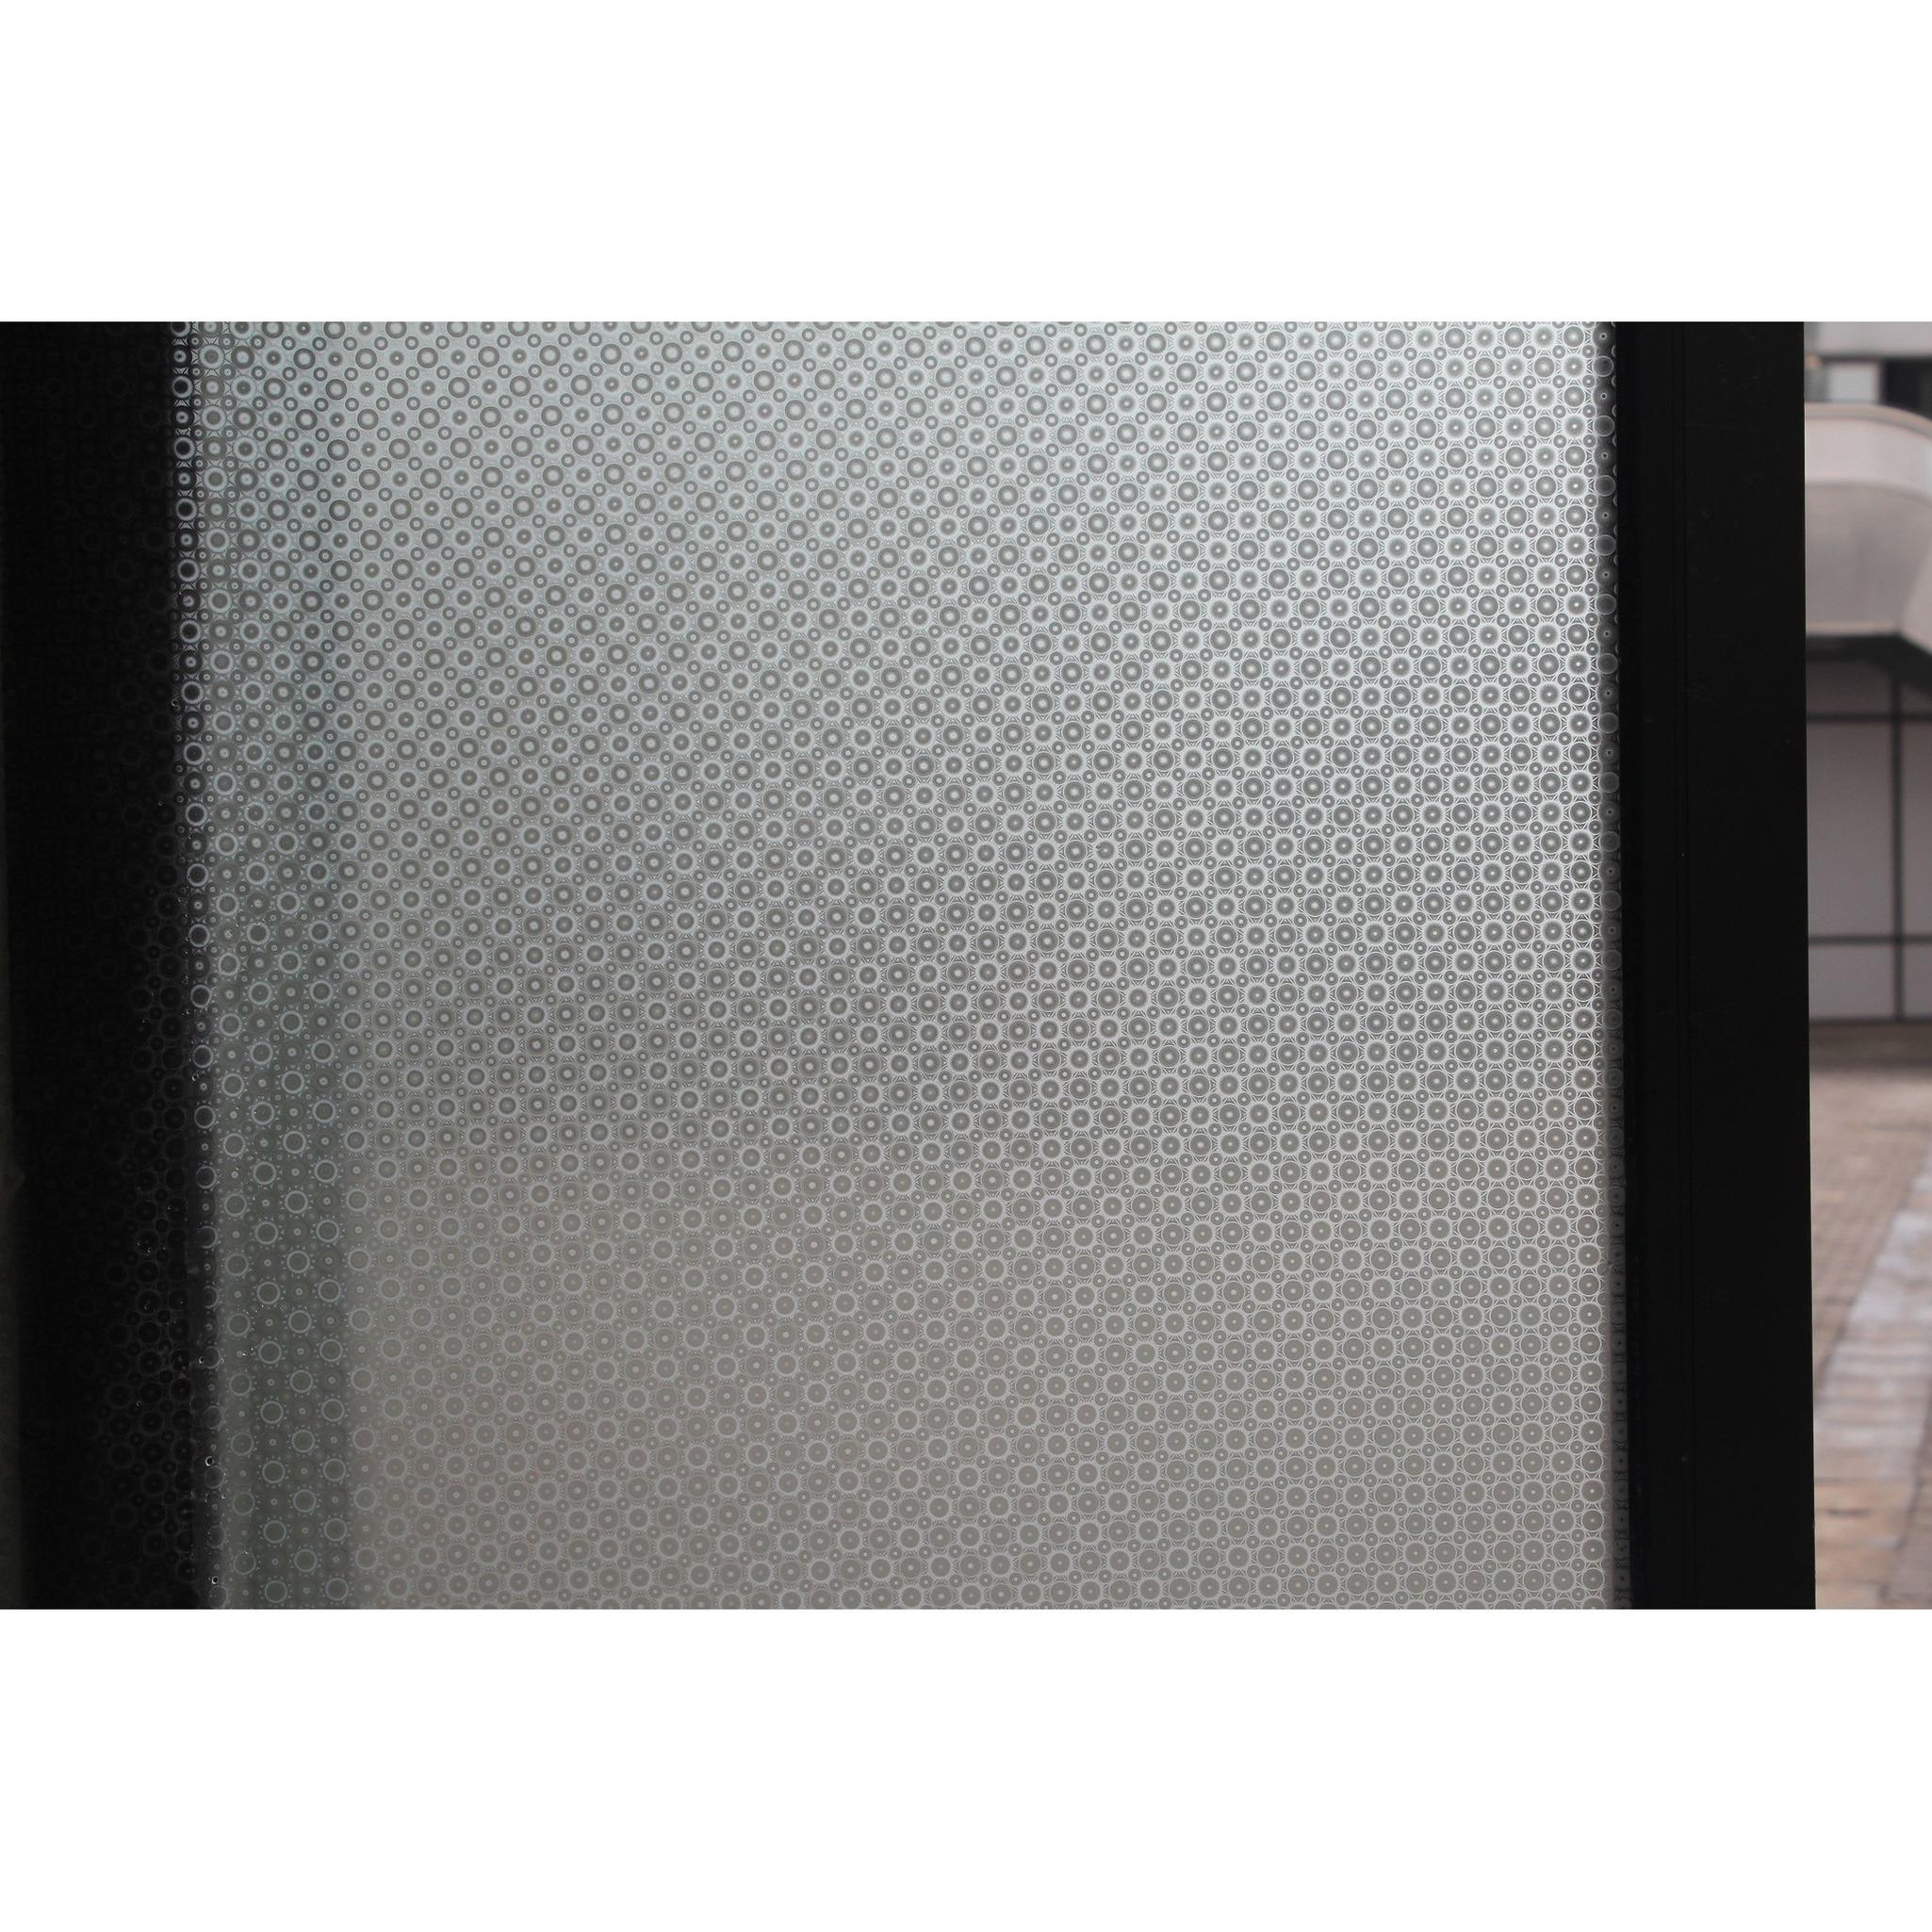 5x rollen raamfolie rondjes semi transparant 45 cm x 2 meter statisch